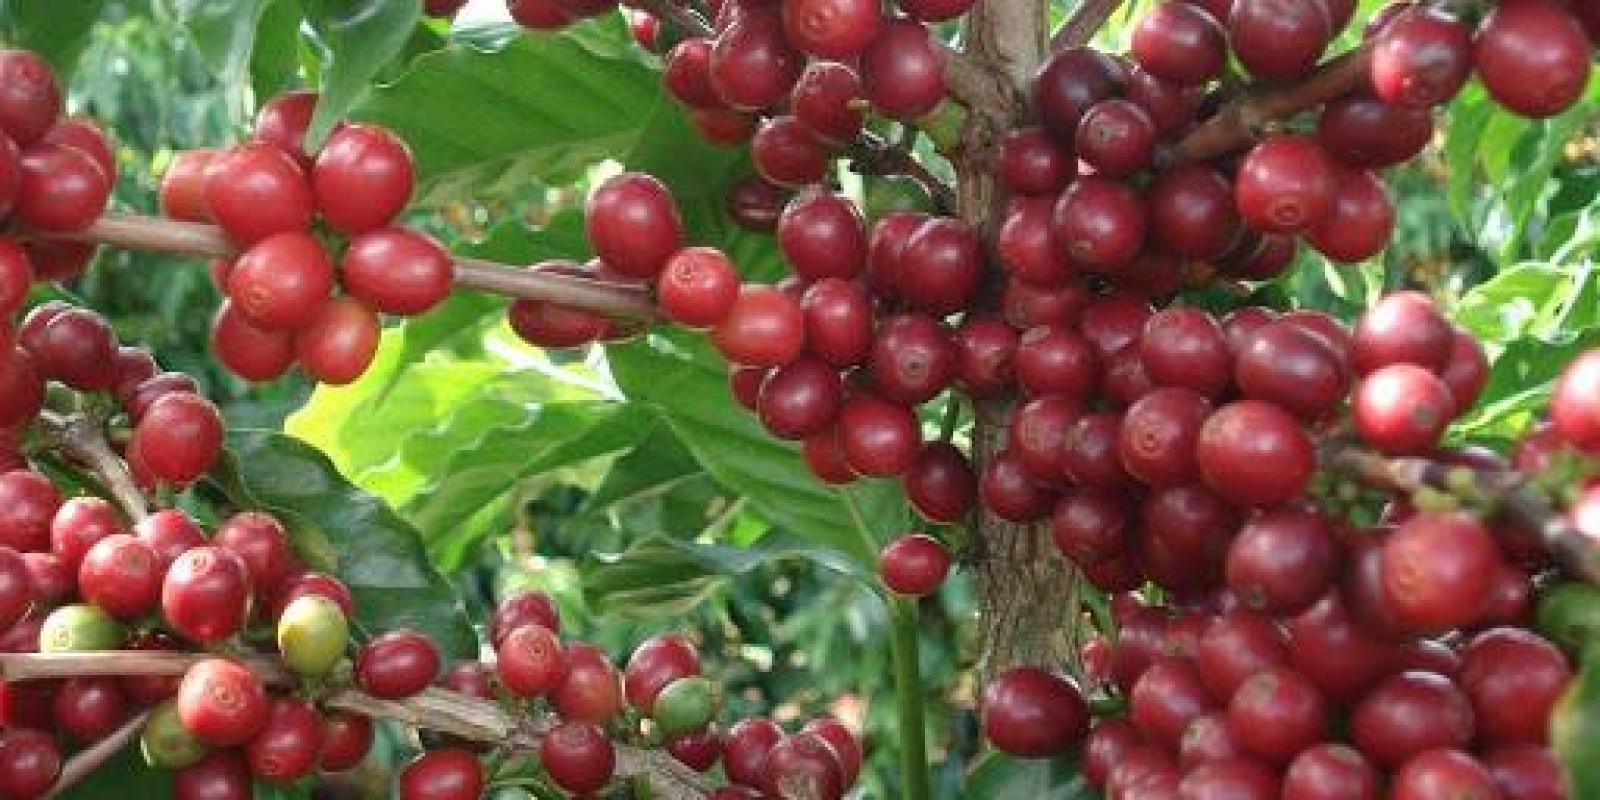 Epamig avalia alternativas de controle biológico para o combate de pragas na cafeicultura